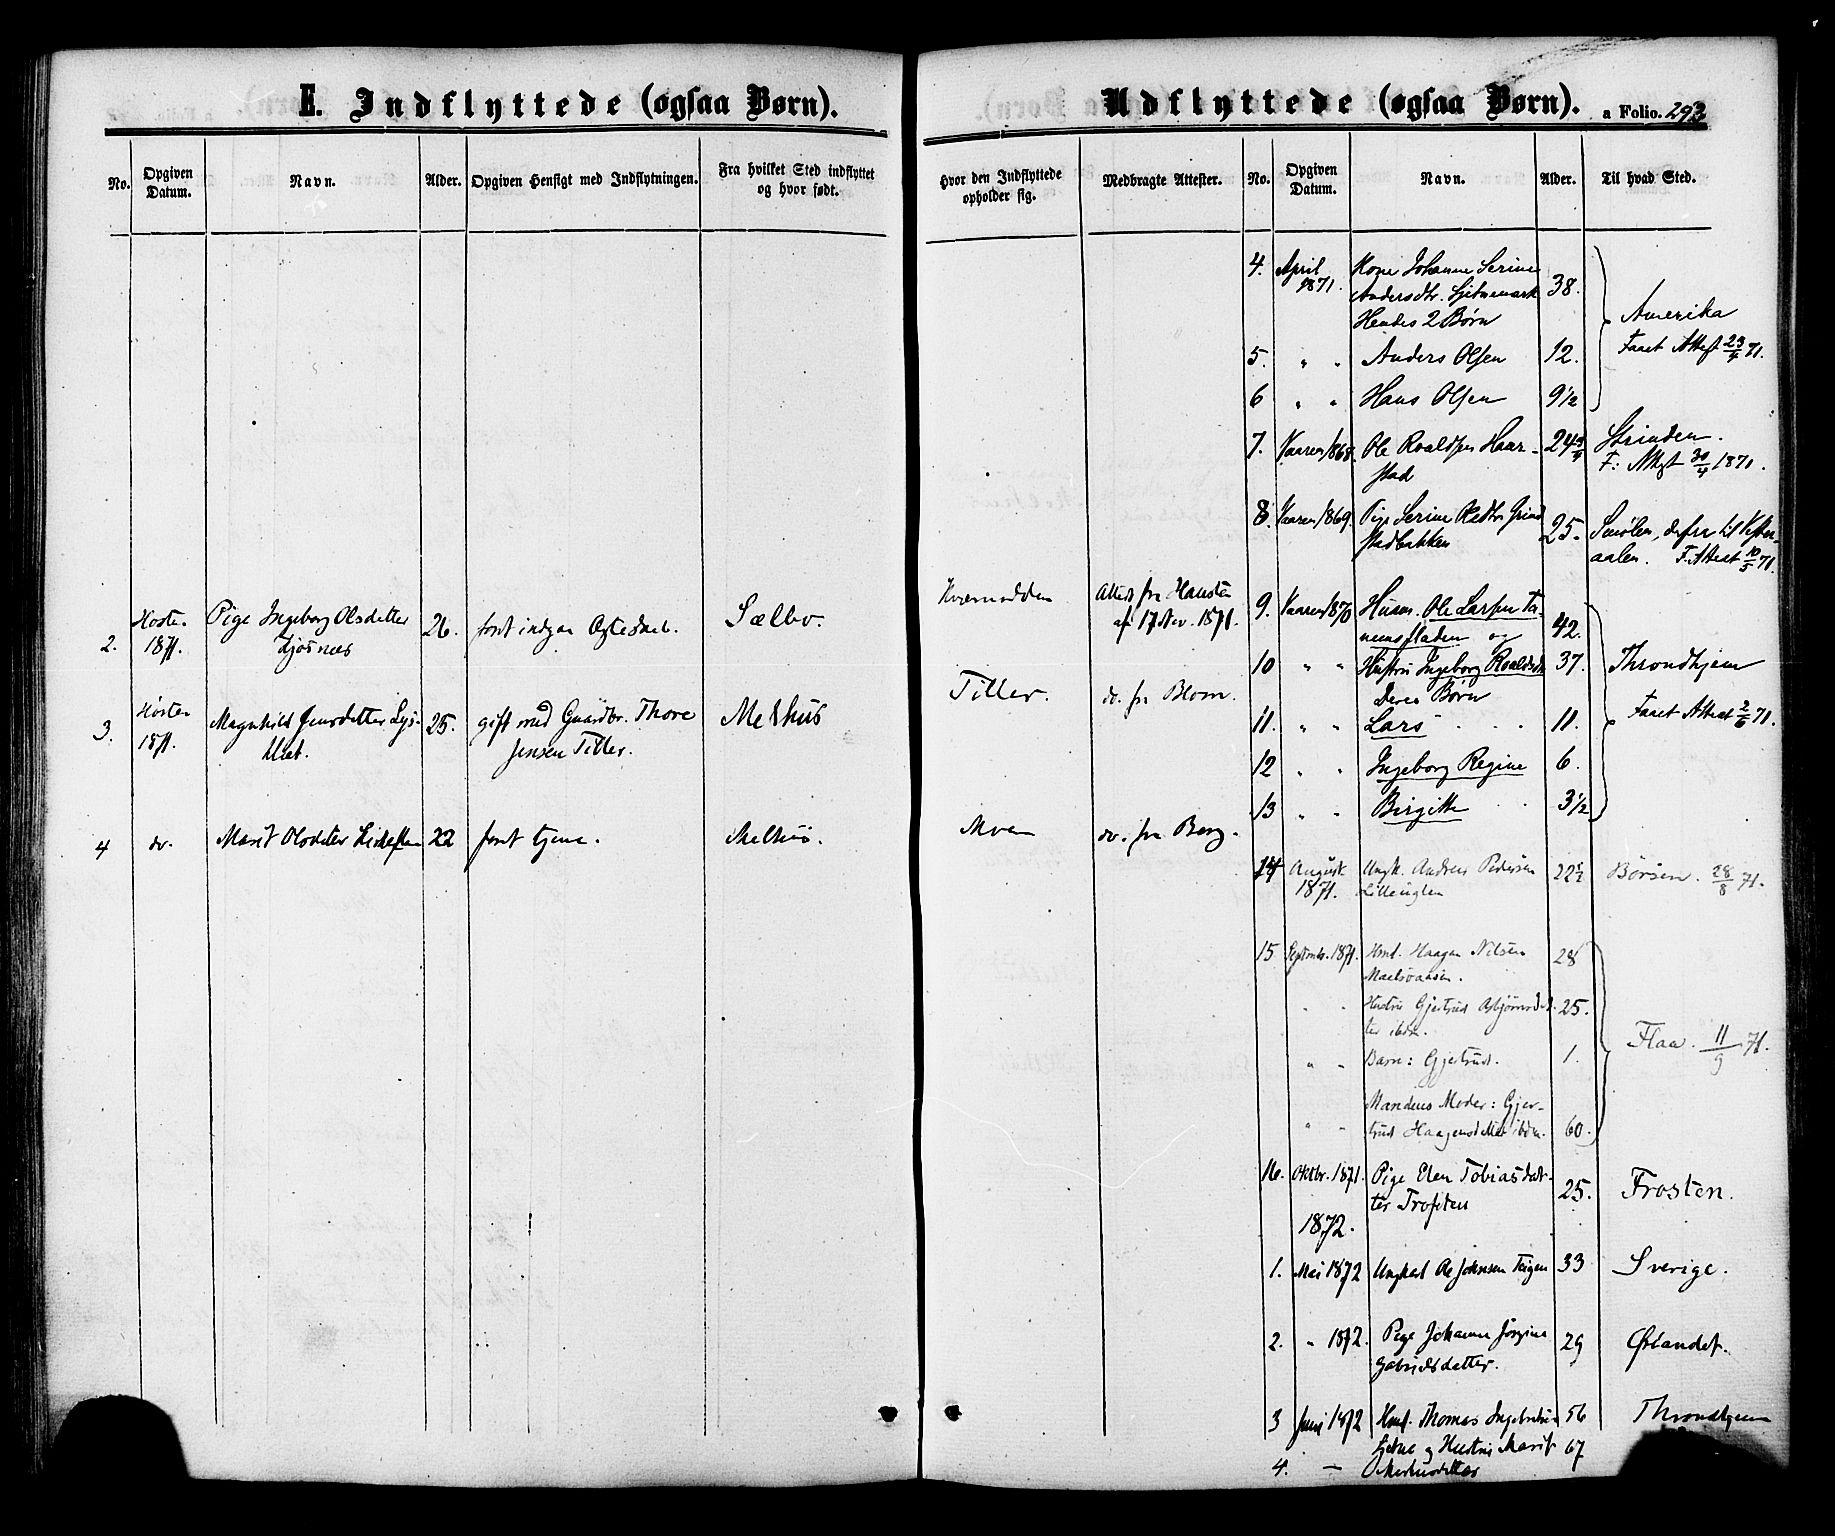 SAT, Ministerialprotokoller, klokkerbøker og fødselsregistre - Sør-Trøndelag, 618/L0442: Ministerialbok nr. 618A06 /1, 1863-1879, s. 293